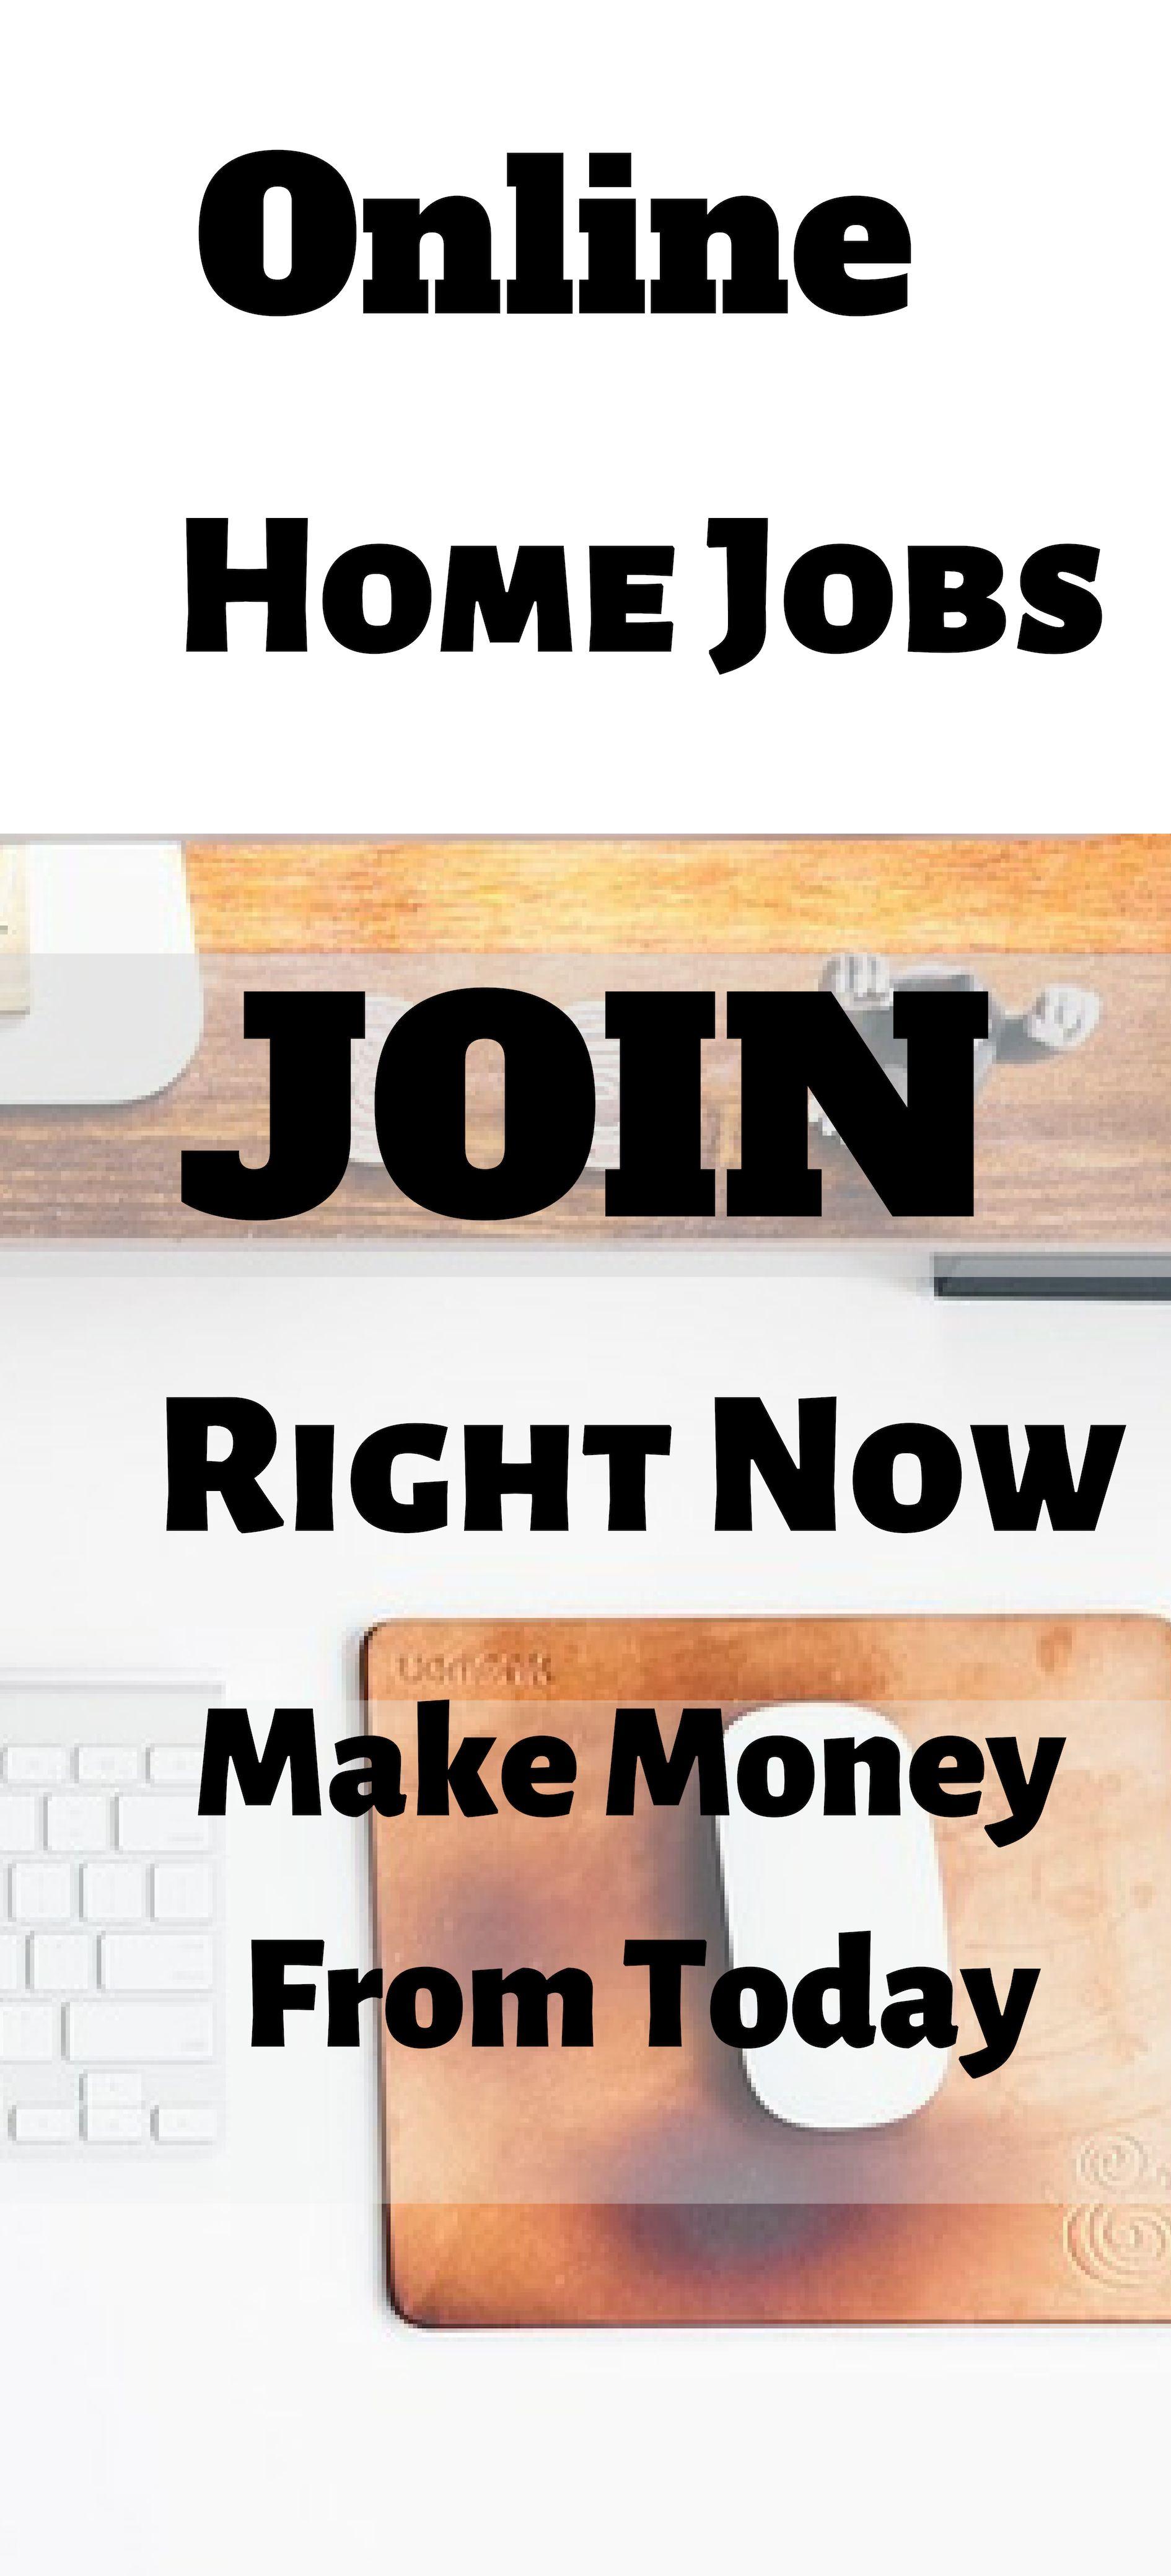 Online-Startseite Jobs   Verdienen Sie Geld von heute.   – Make money at home